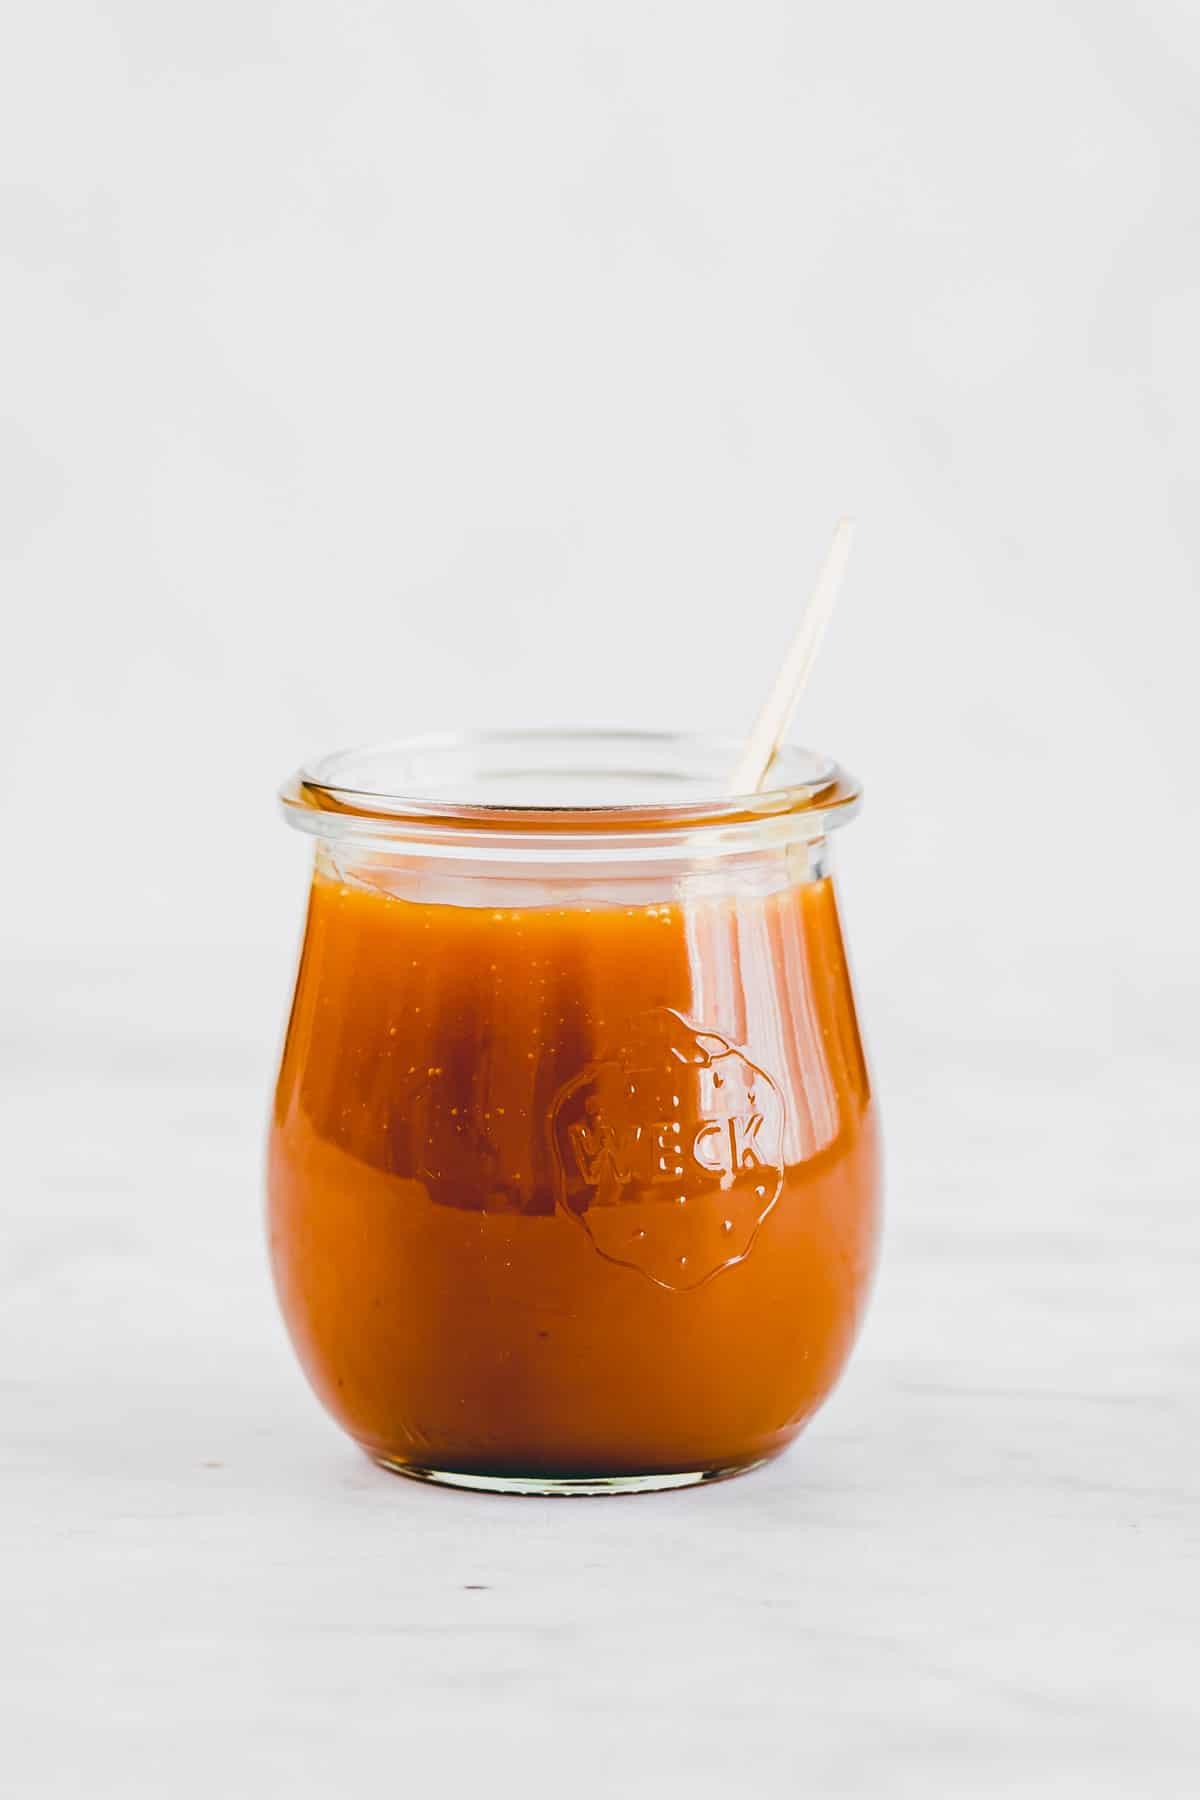 ein weck glas mit karamellsauce gefüllt und einem goldenen teelöffel